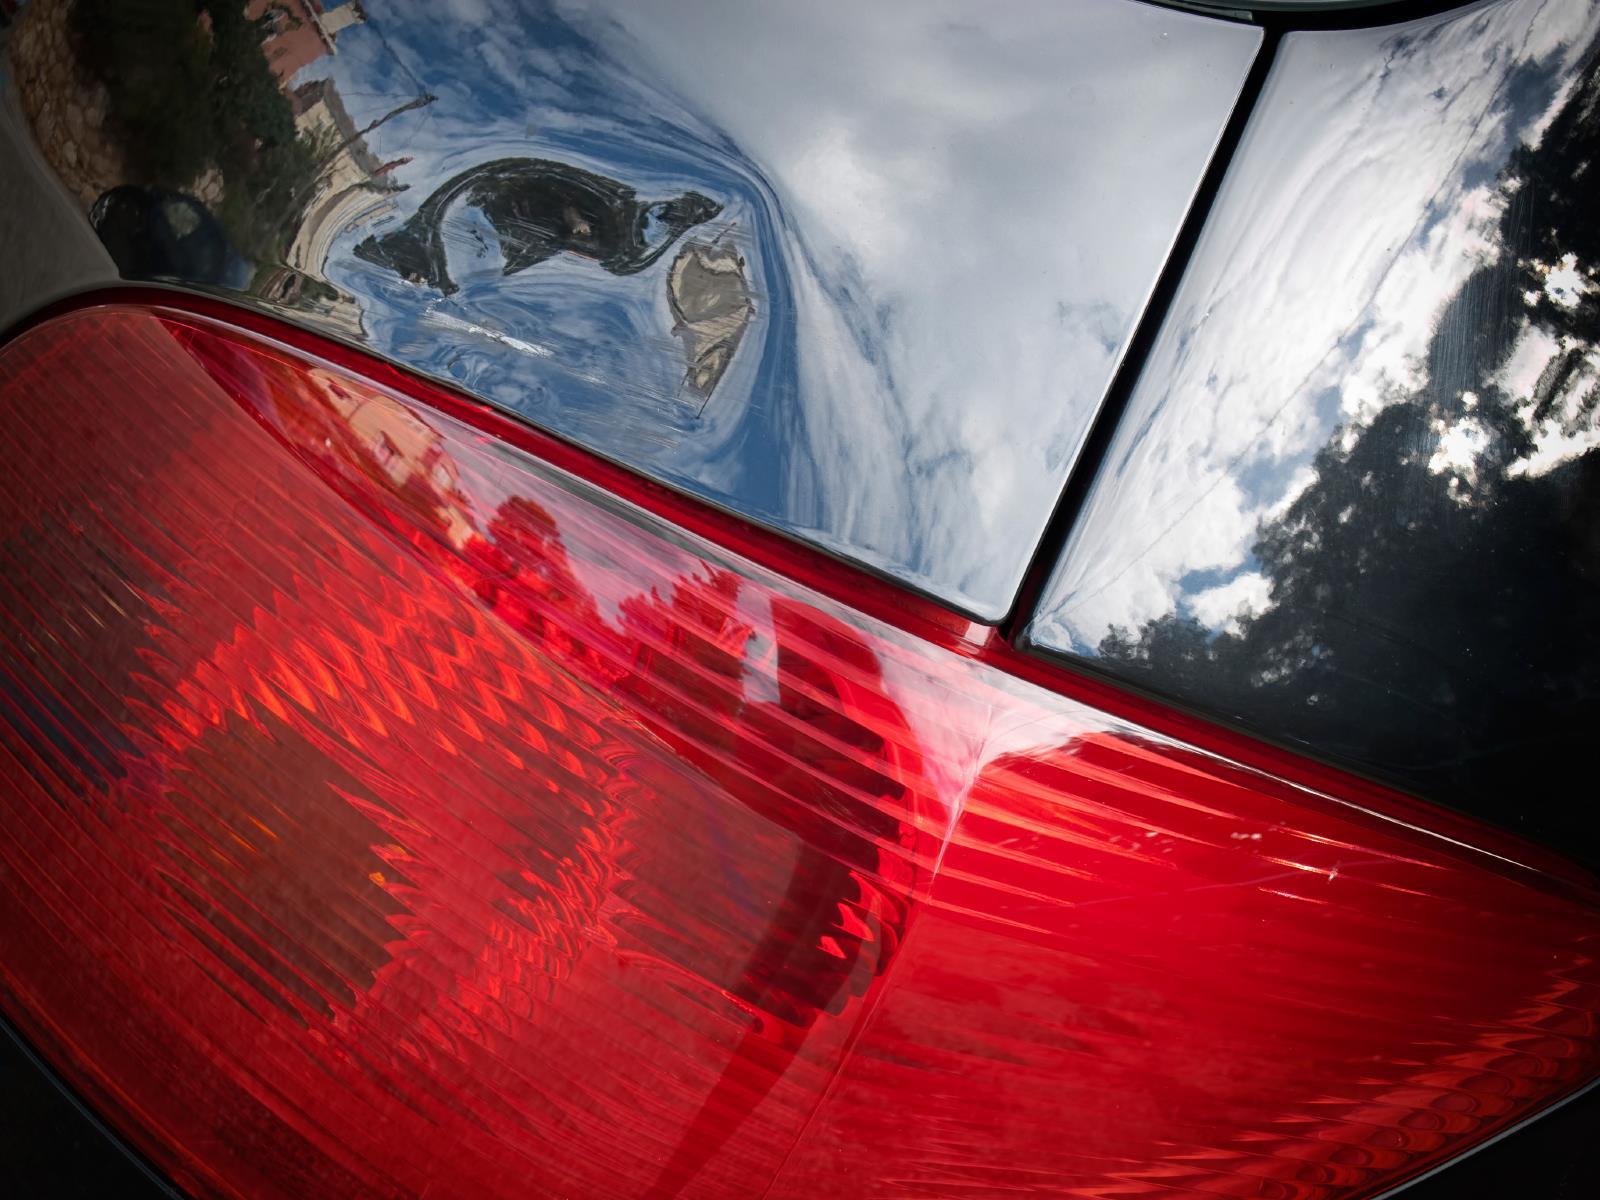 Guide pour l'estimateur en dommages: le débosselage sans peinture de la carrosserie d'une auto